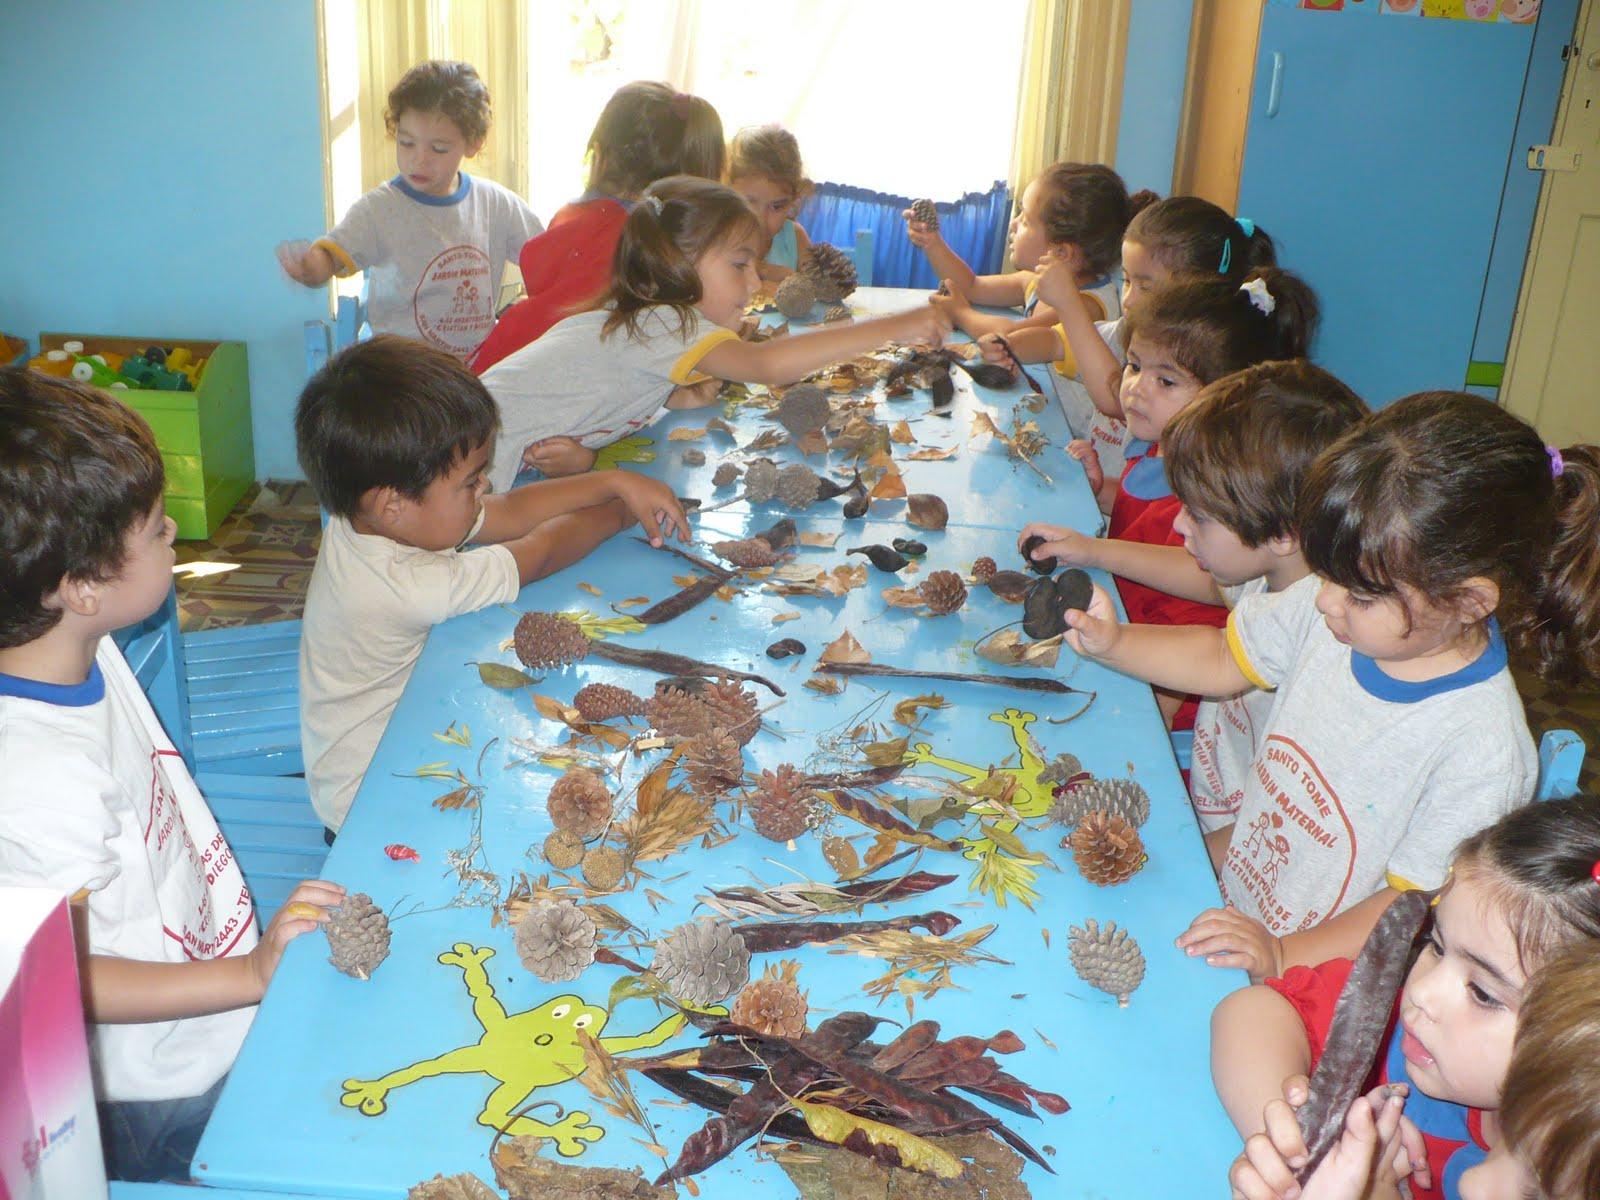 Jard n maternal las aventuras de cristian y diego marzo 2011 for Adaptacion jardin maternal